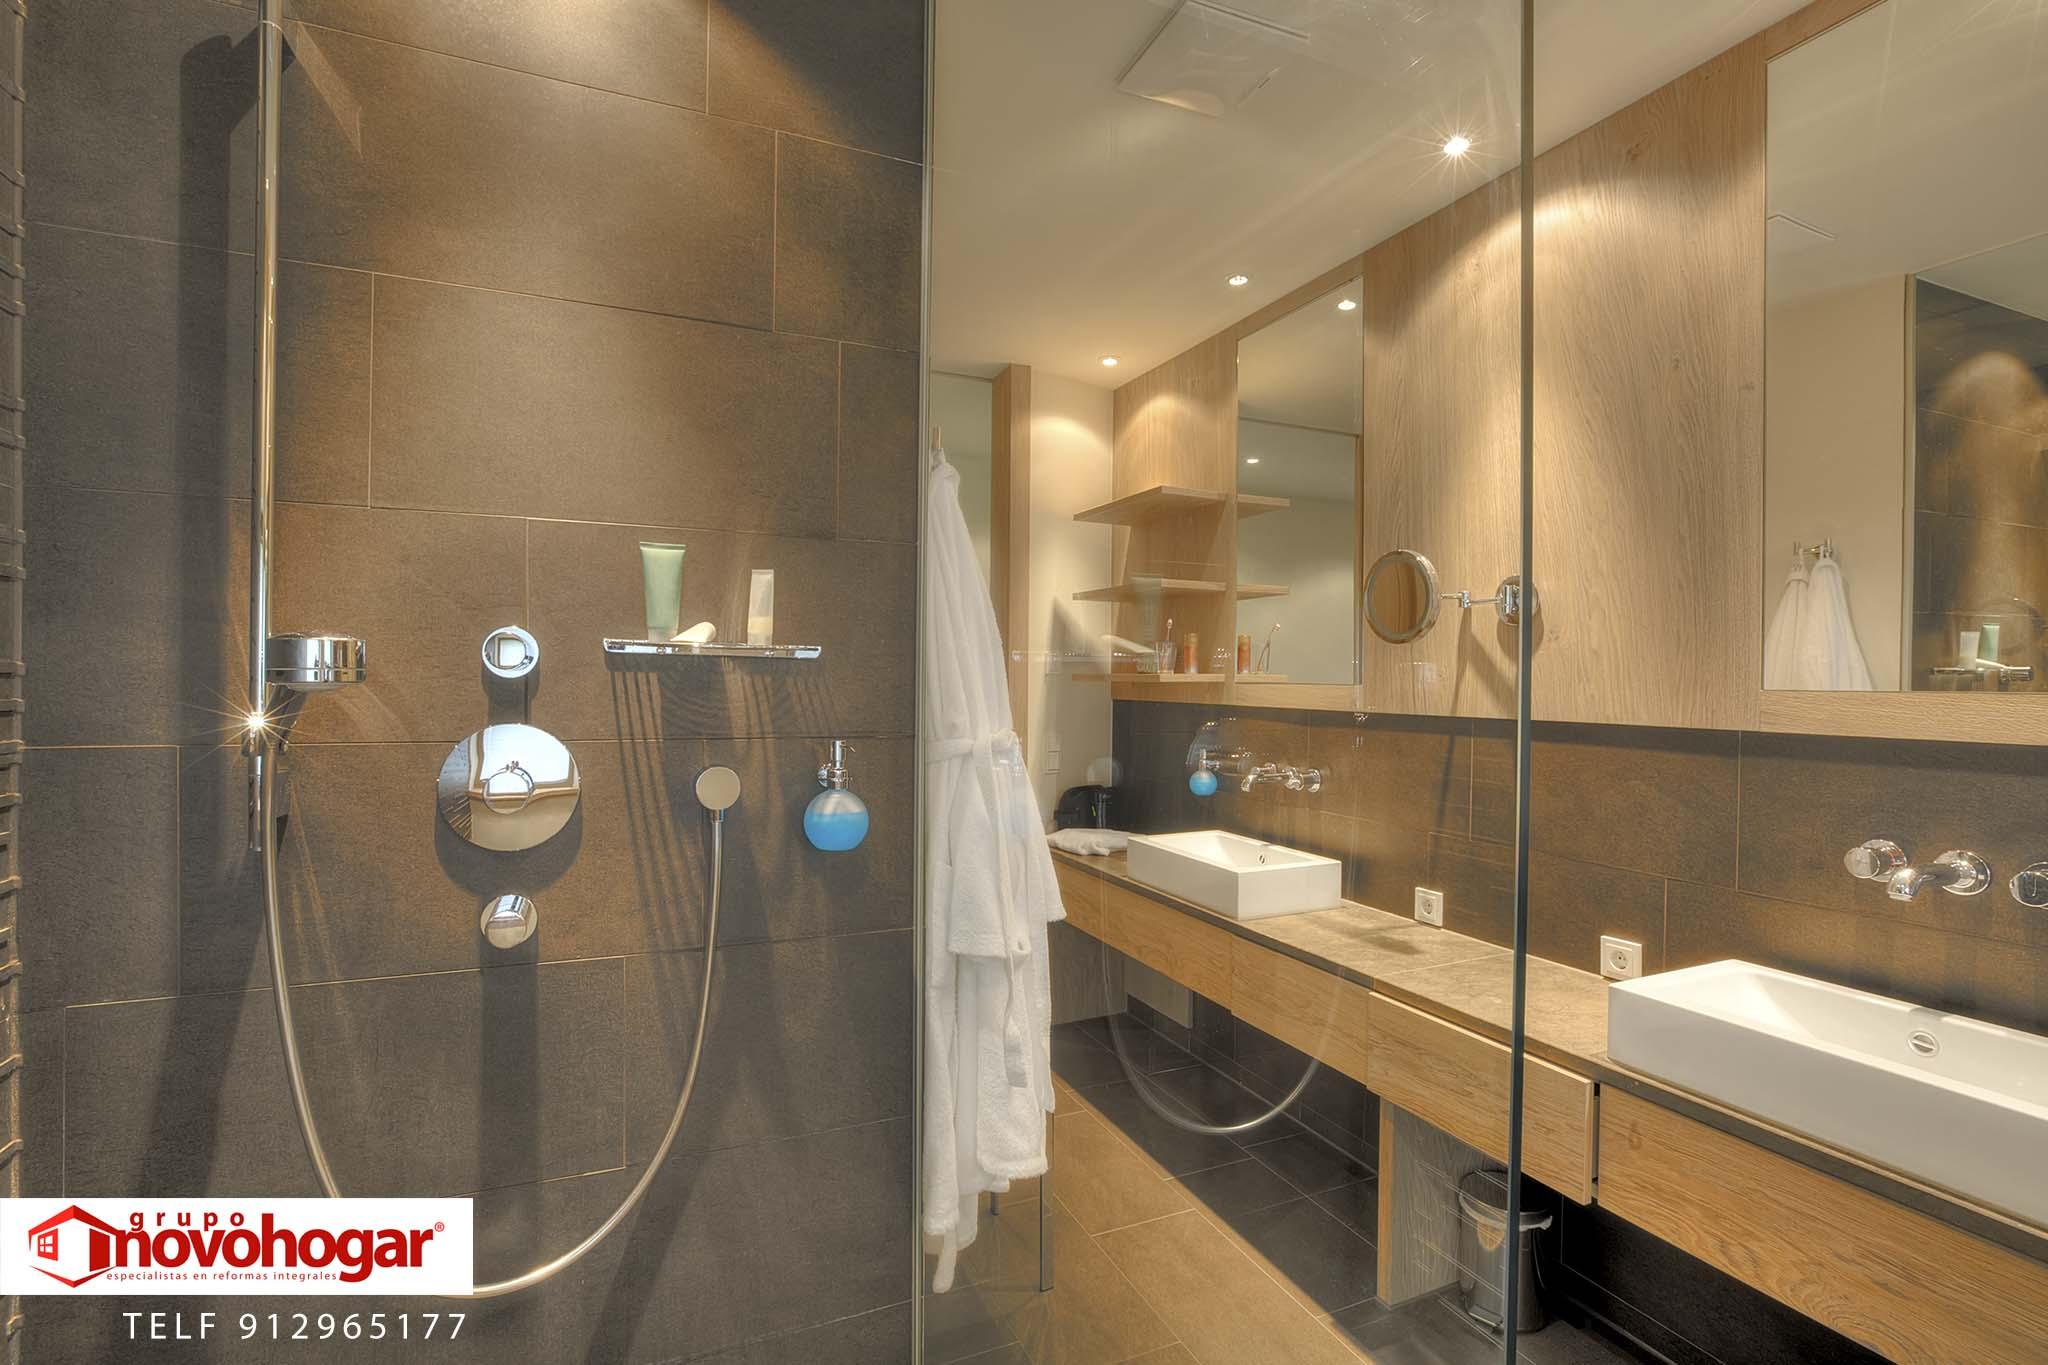 ejemplos baños madrid